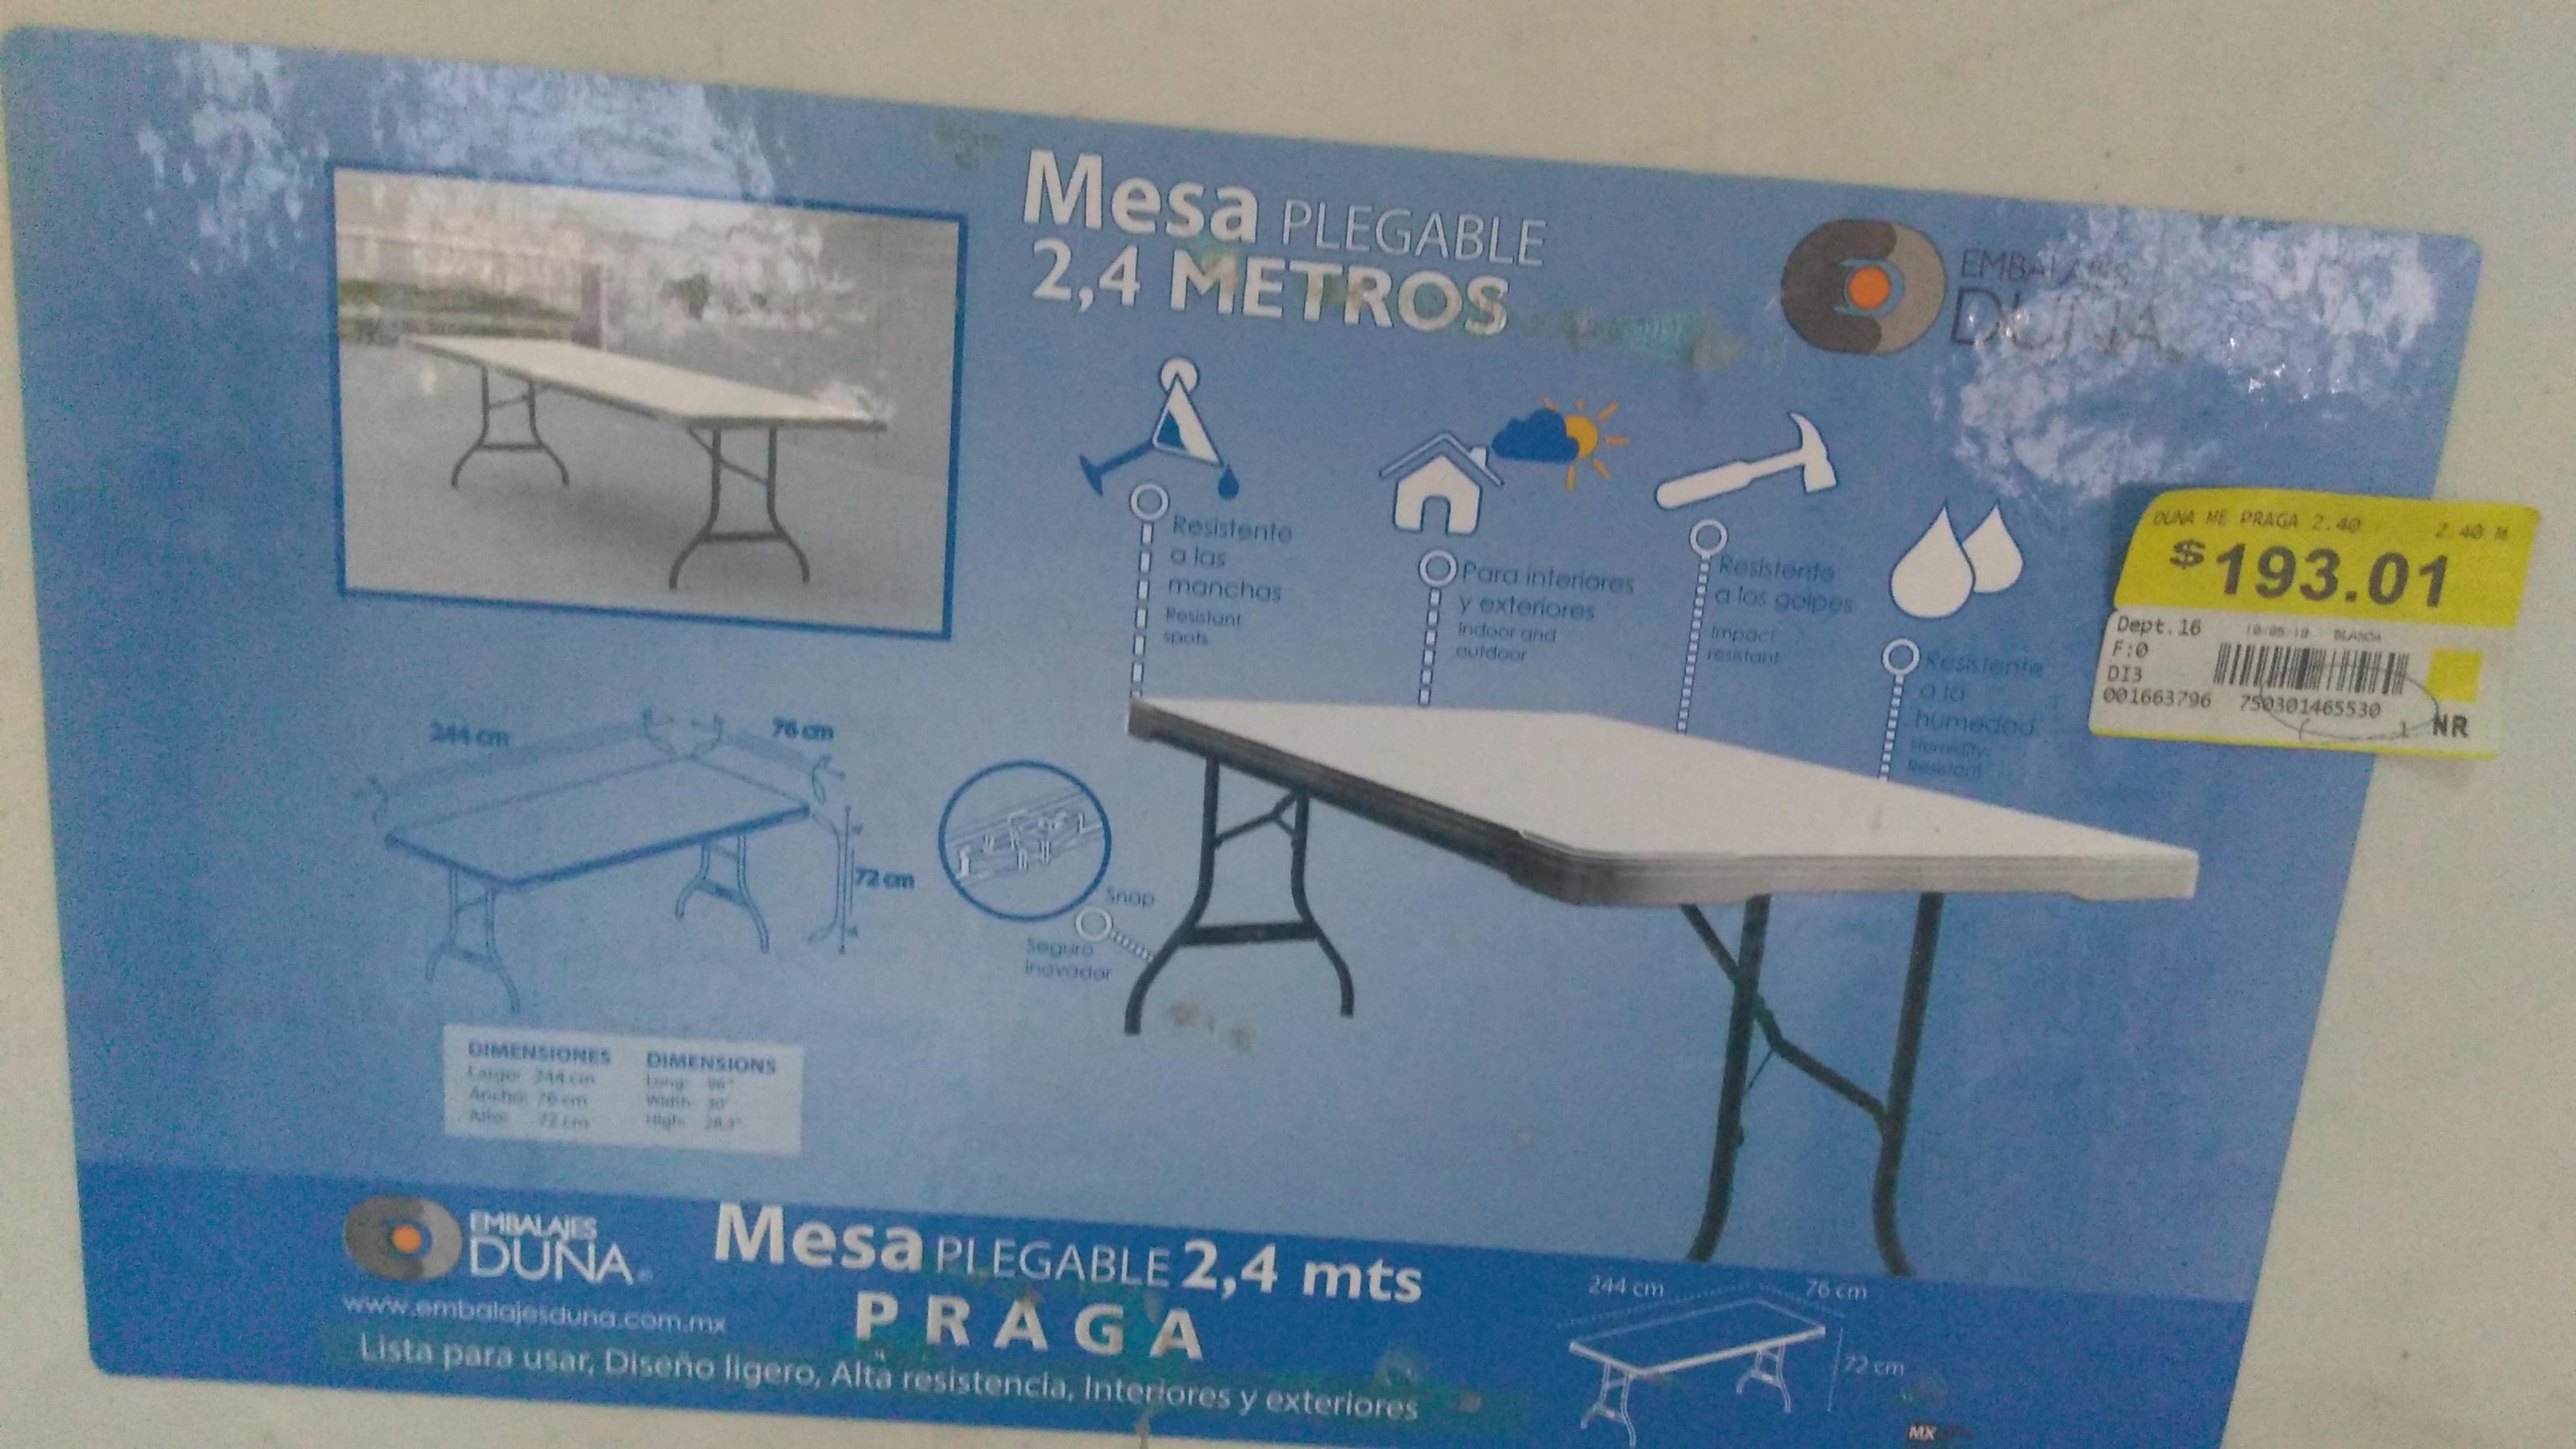 Bodega Aurrera: mesa plegable de 2.44 mts. a $193.01